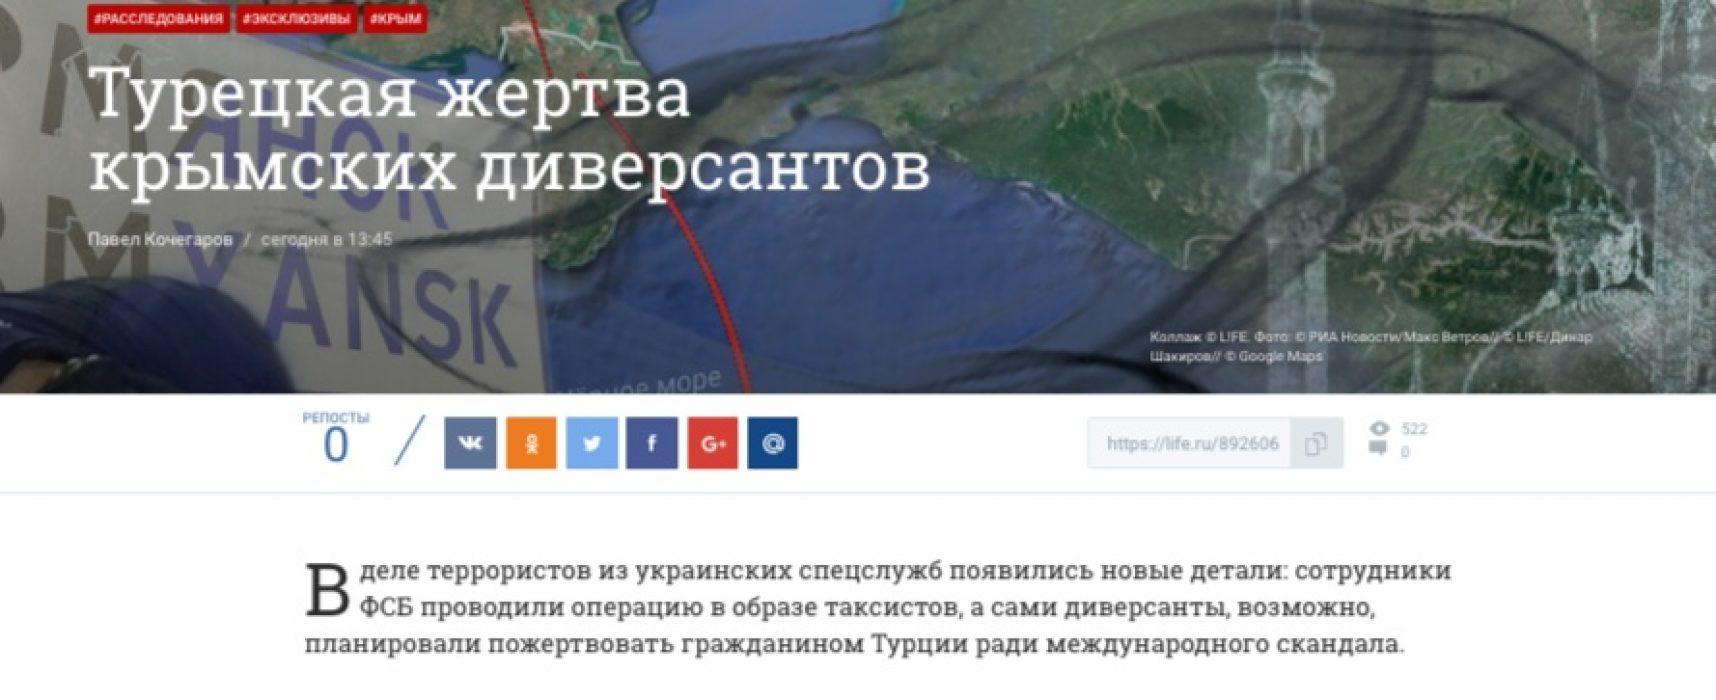 Фейк: Турецкий след в деле «крымских диверсантов»